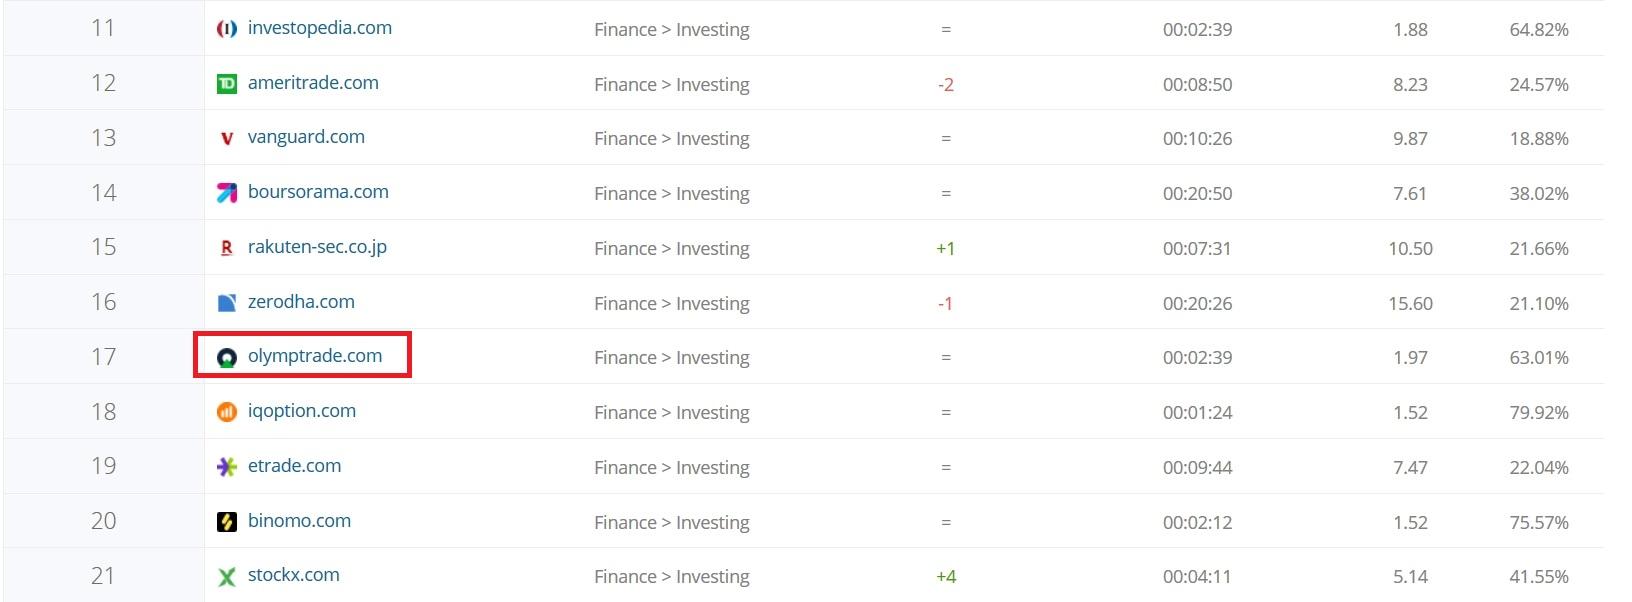 Vị trị của Olymp Trade so với các trang web khác trong lĩnh vực tài chính